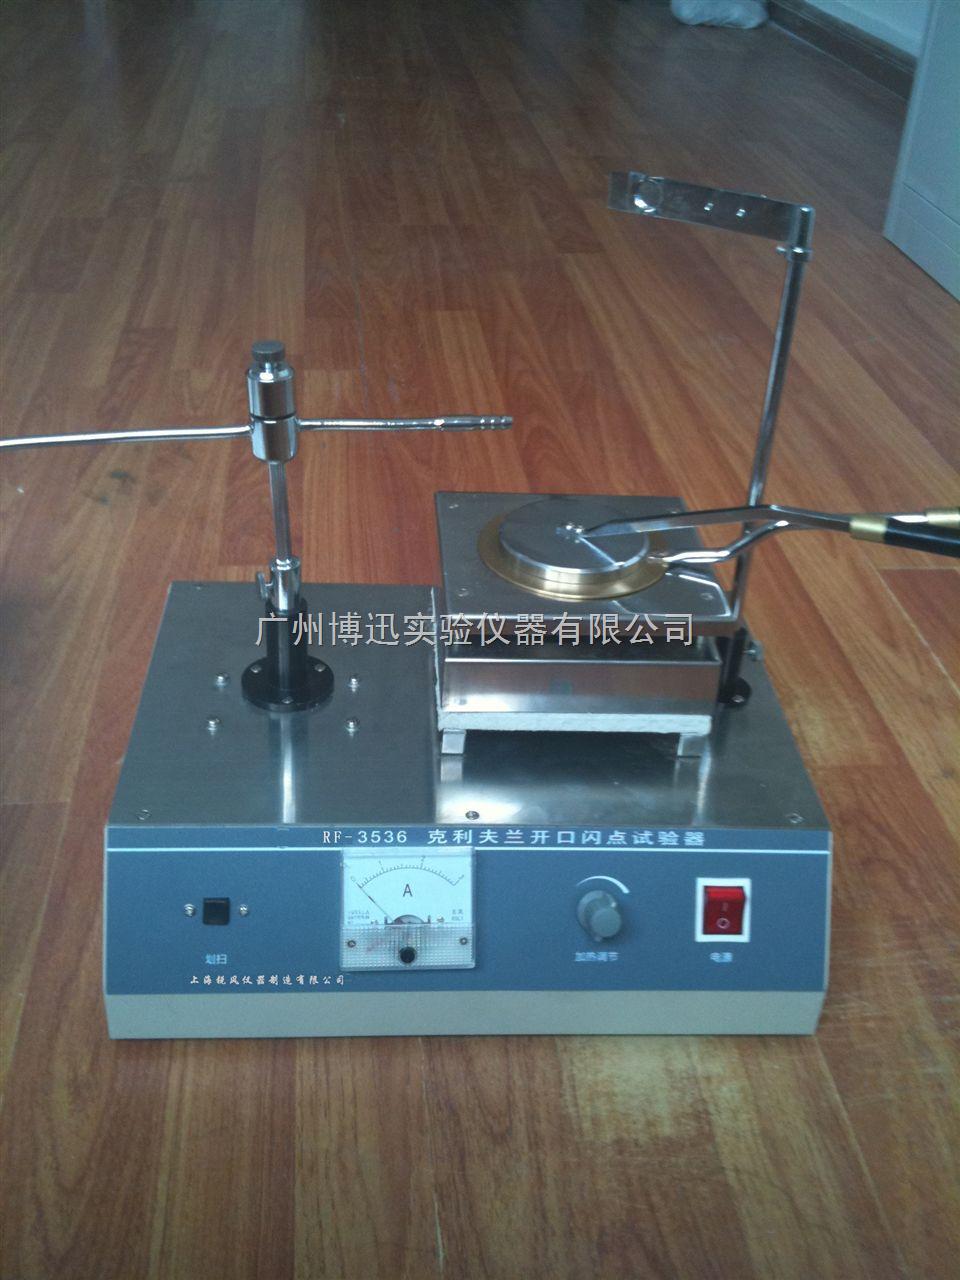 RF-3536 克利夫兰开口闪点试验仪/闪点仪/开口闪点仪/克利夫兰